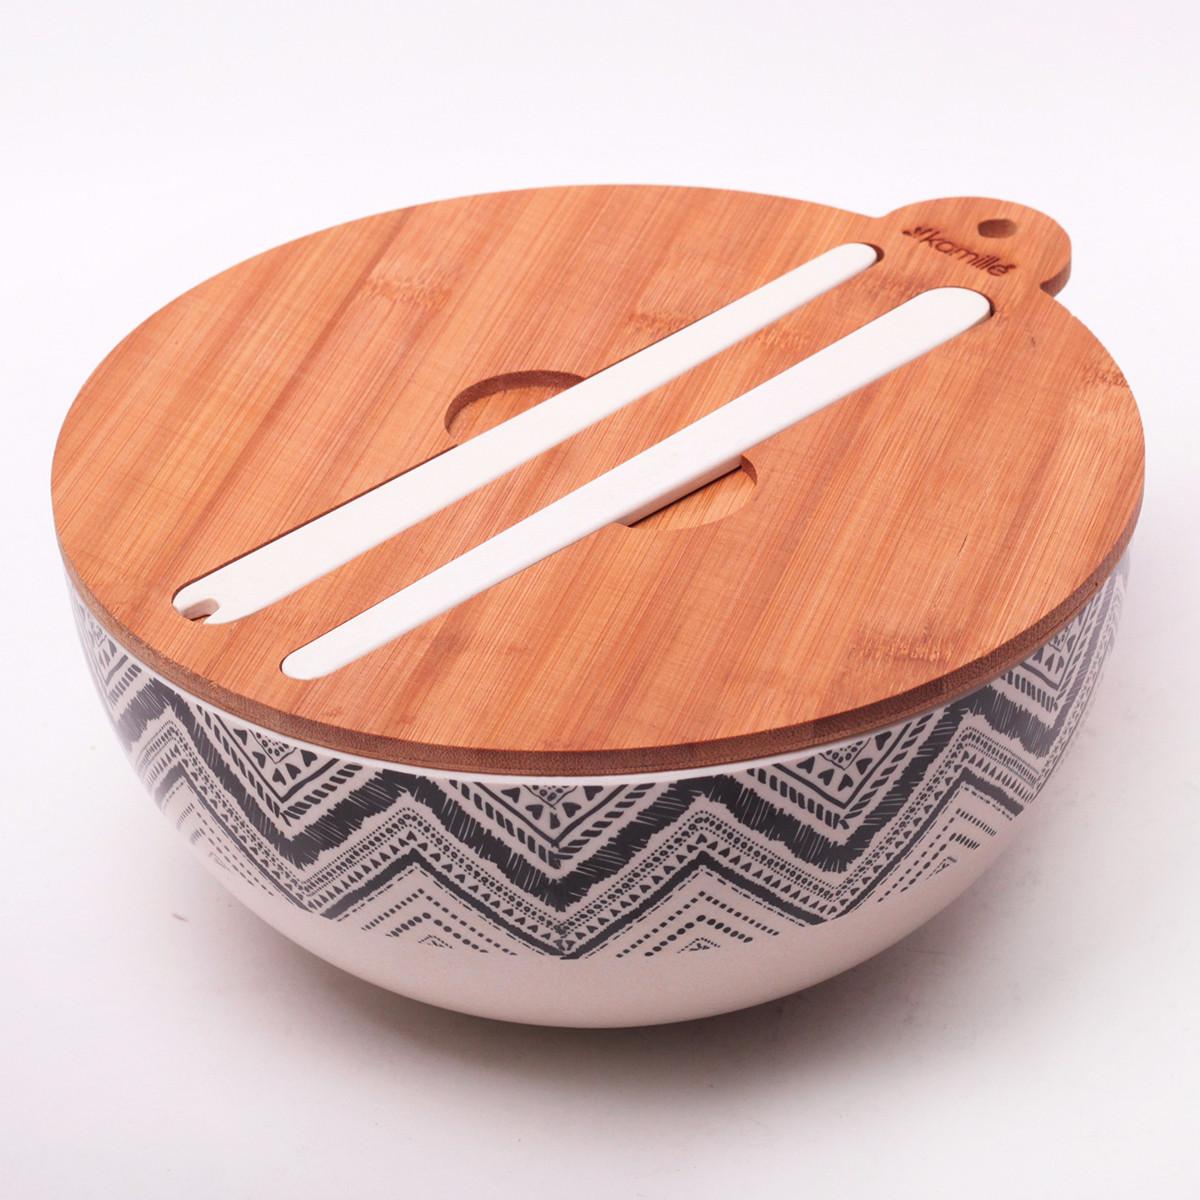 Миска Kamille Ø27*12.2 см из бамбукового волокна с бамбуковой крышкой и приборами